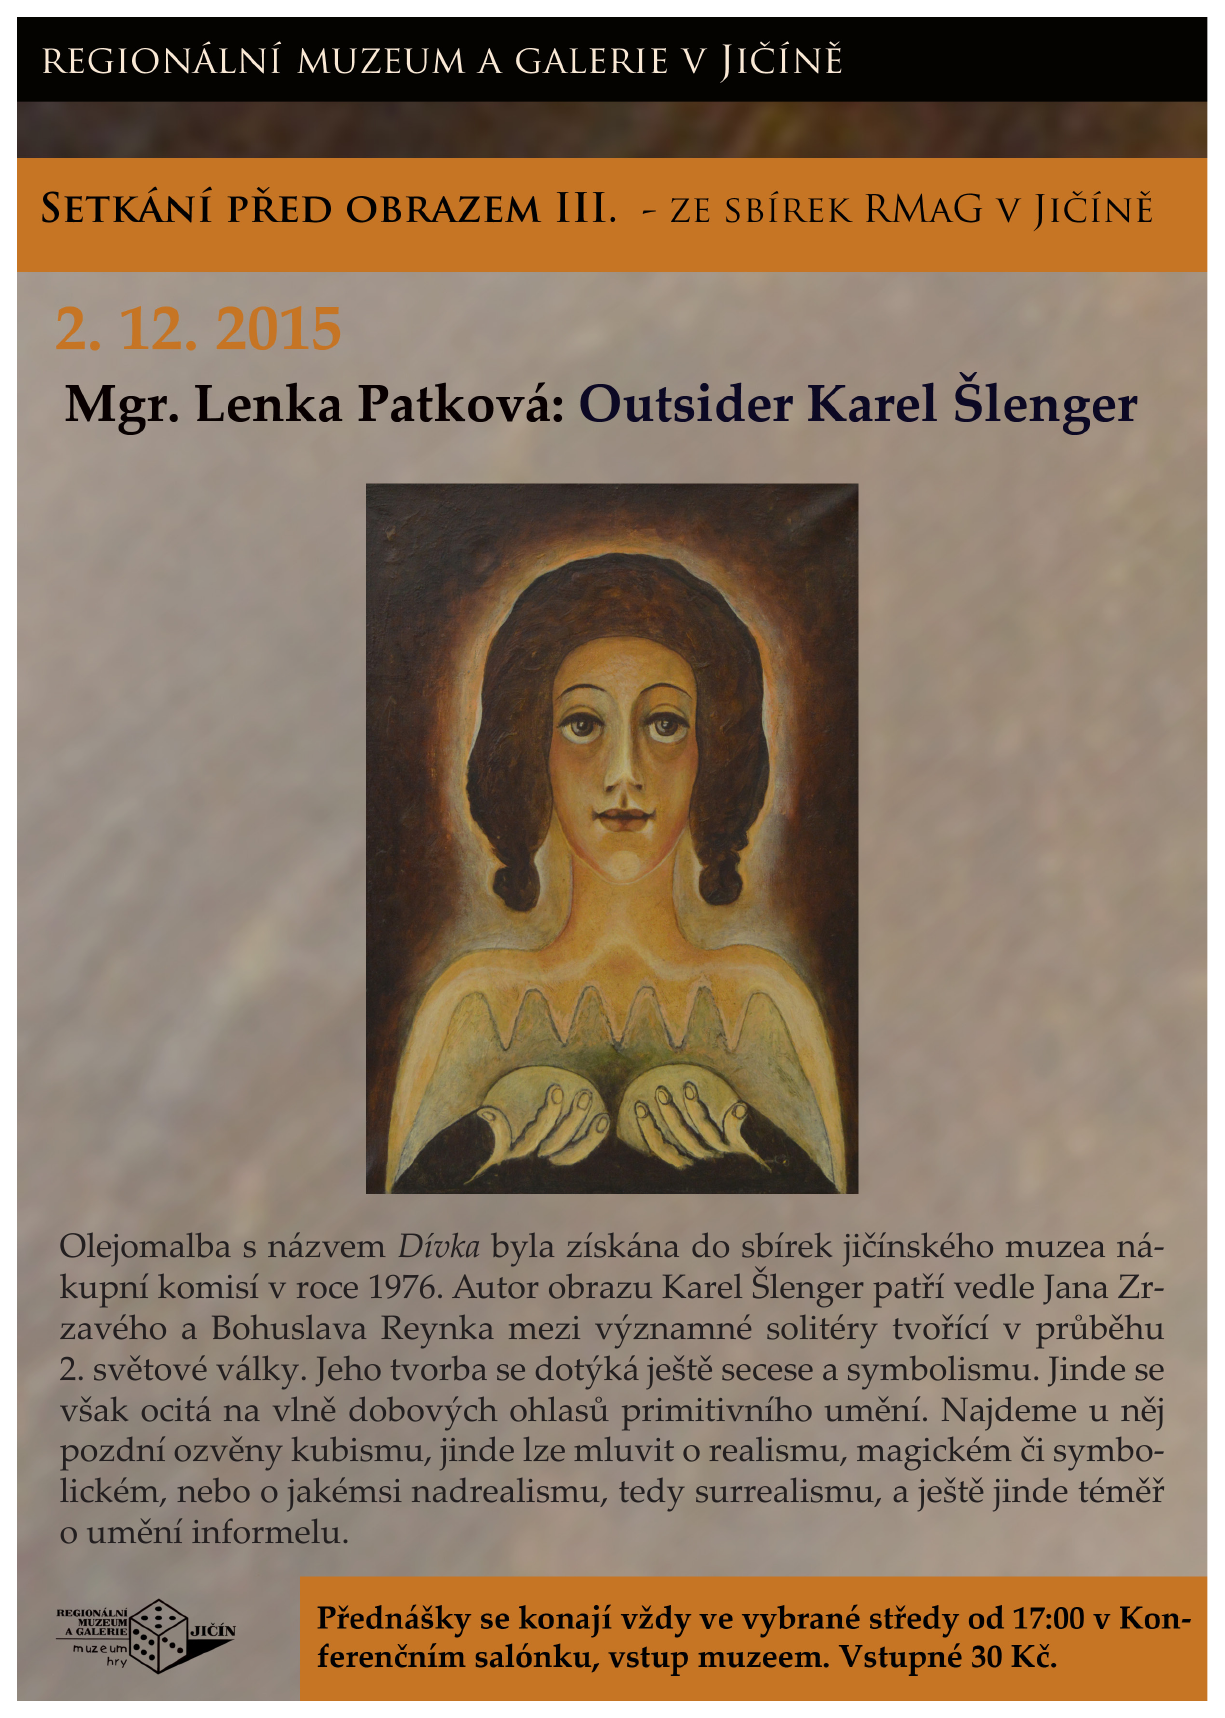 Přednáška Mgr. Lenky Patkové: Outsider Karel Šlenger